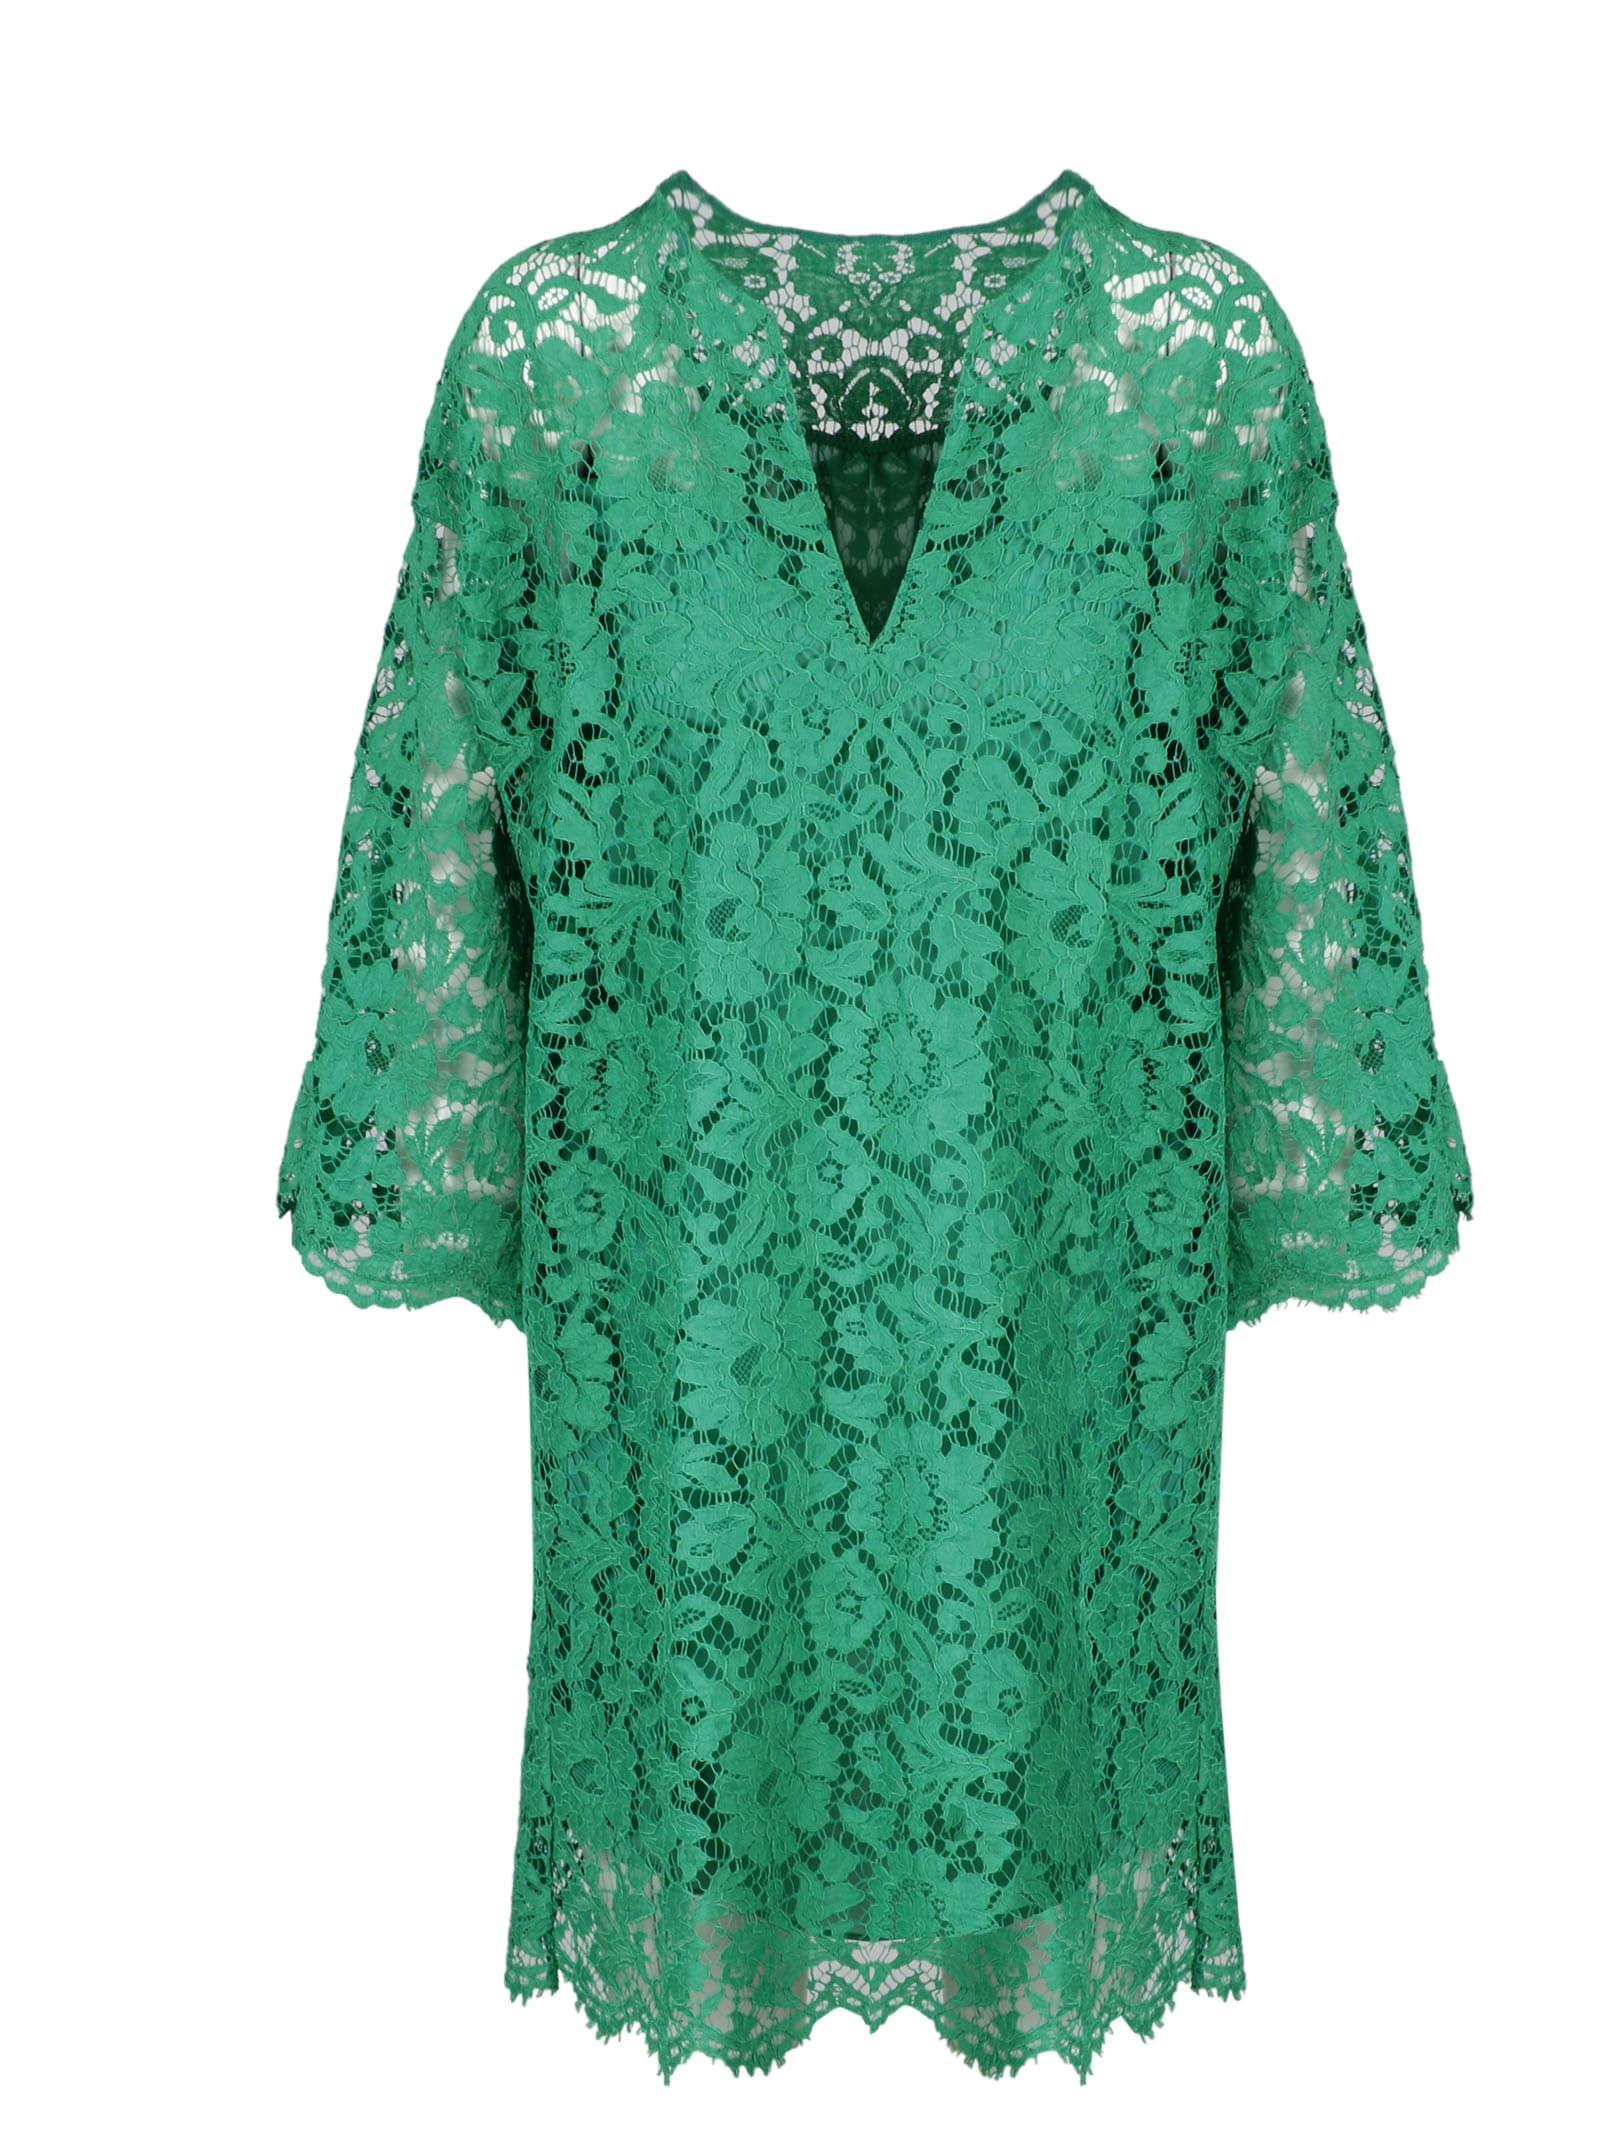 Valentino Heavy Lace Kaftano Dress